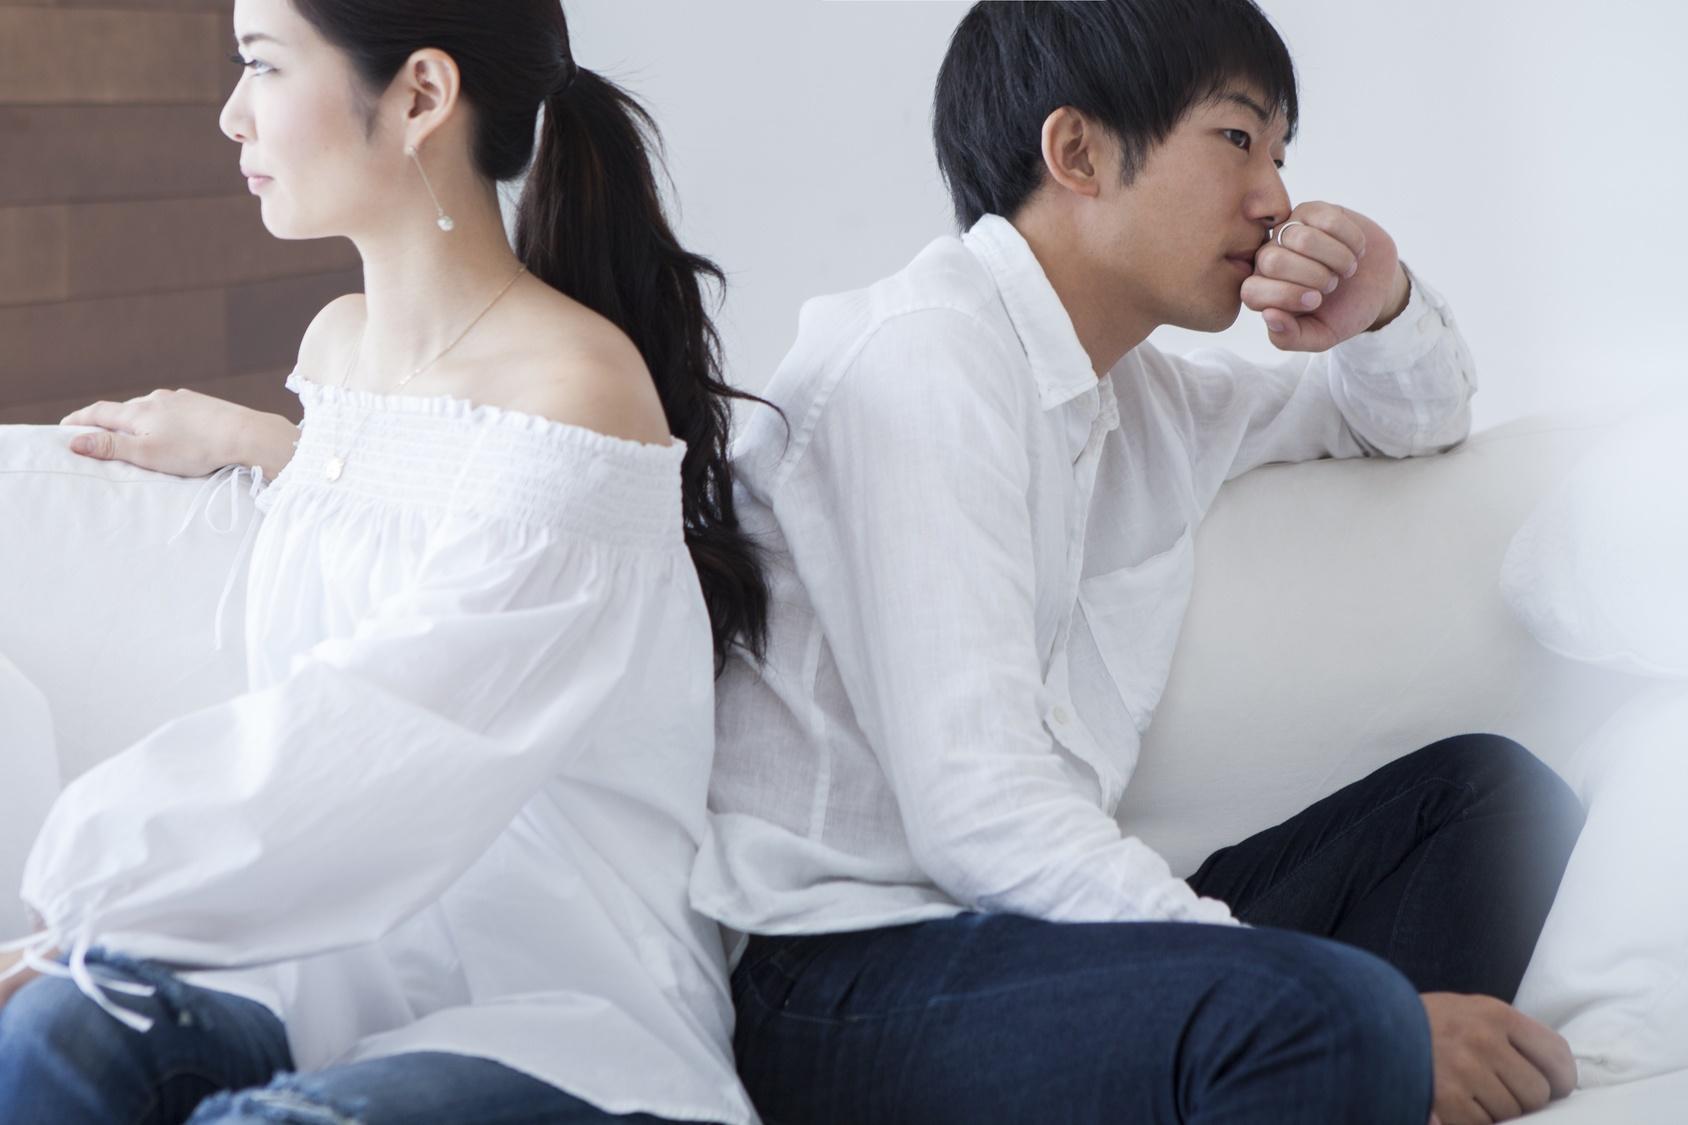 大人向けの切ない恋愛小説おすすめ6選!